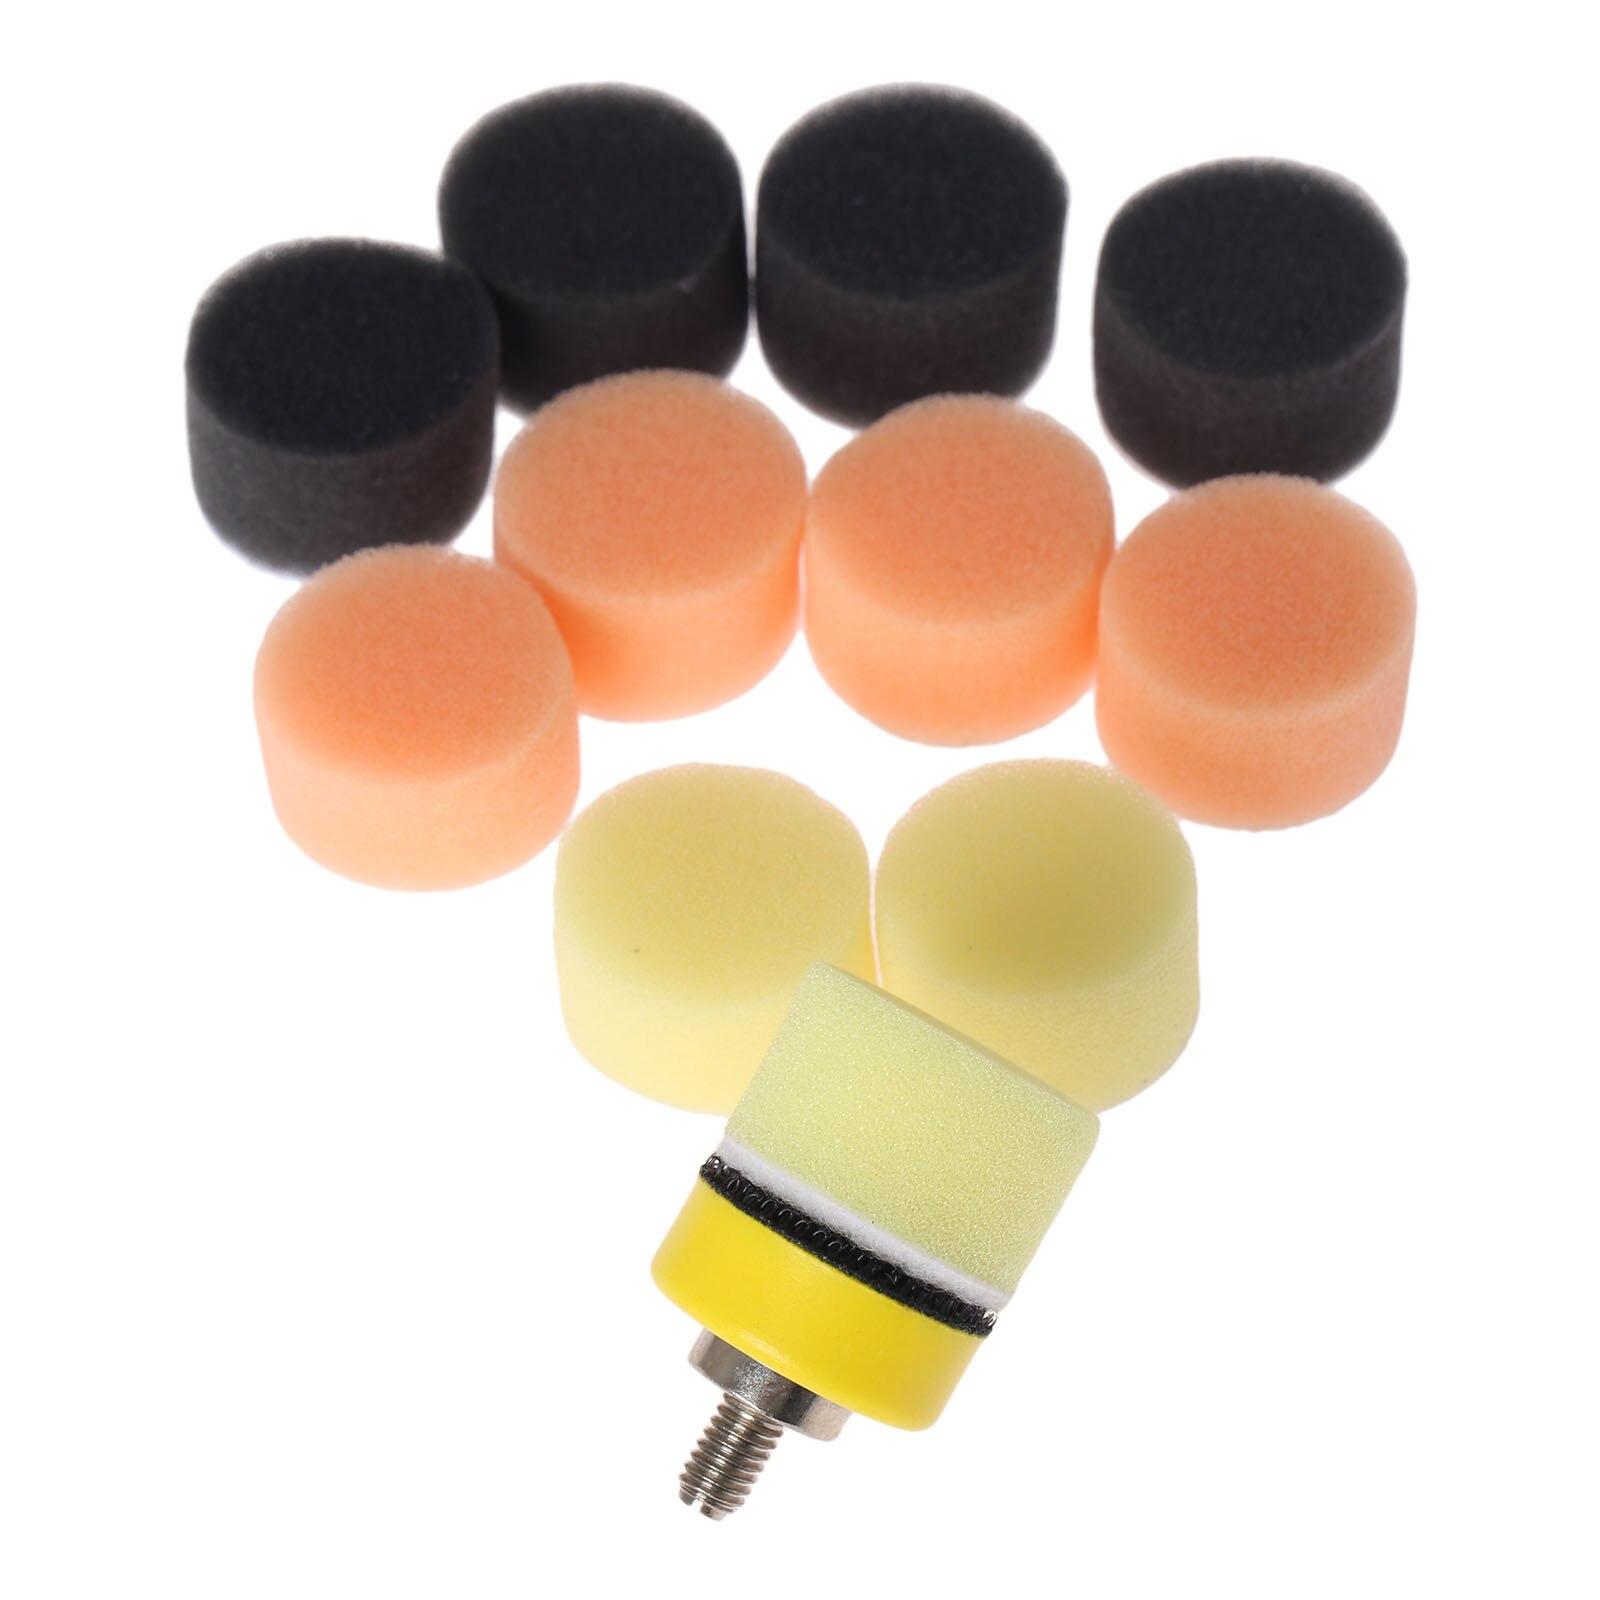 DRELD 50 Uds 1 pulgada 25mm esponja encerada almohadilla de pulido abrillantado para pulidor de coche M6 almohadilla de pulido Placa de respaldo para dremel herramienta rotativa